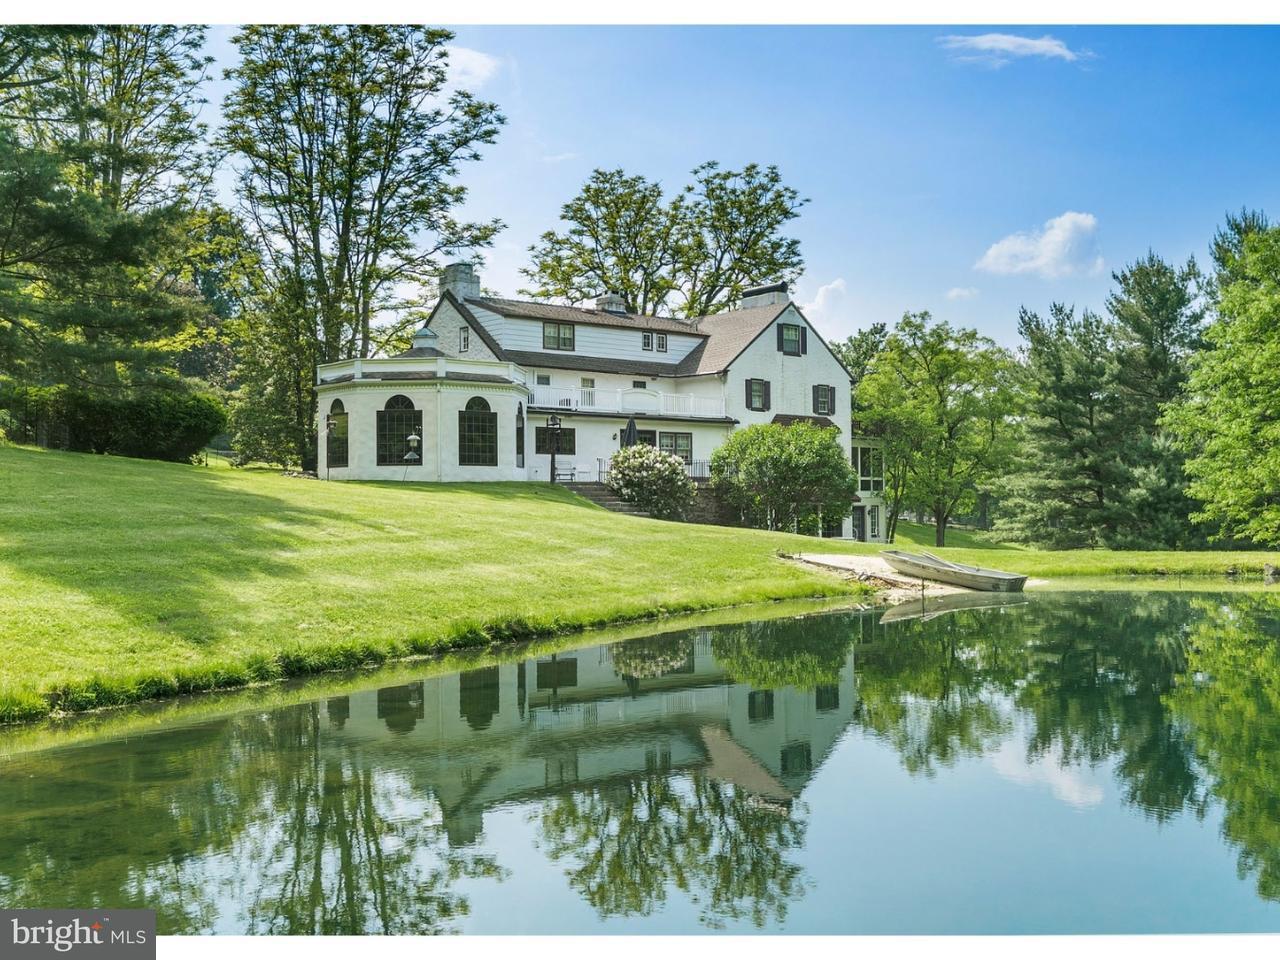 Частный односемейный дом для того Продажа на 220 HILL Road Elverson, Пенсильвания 19520 Соединенные Штаты